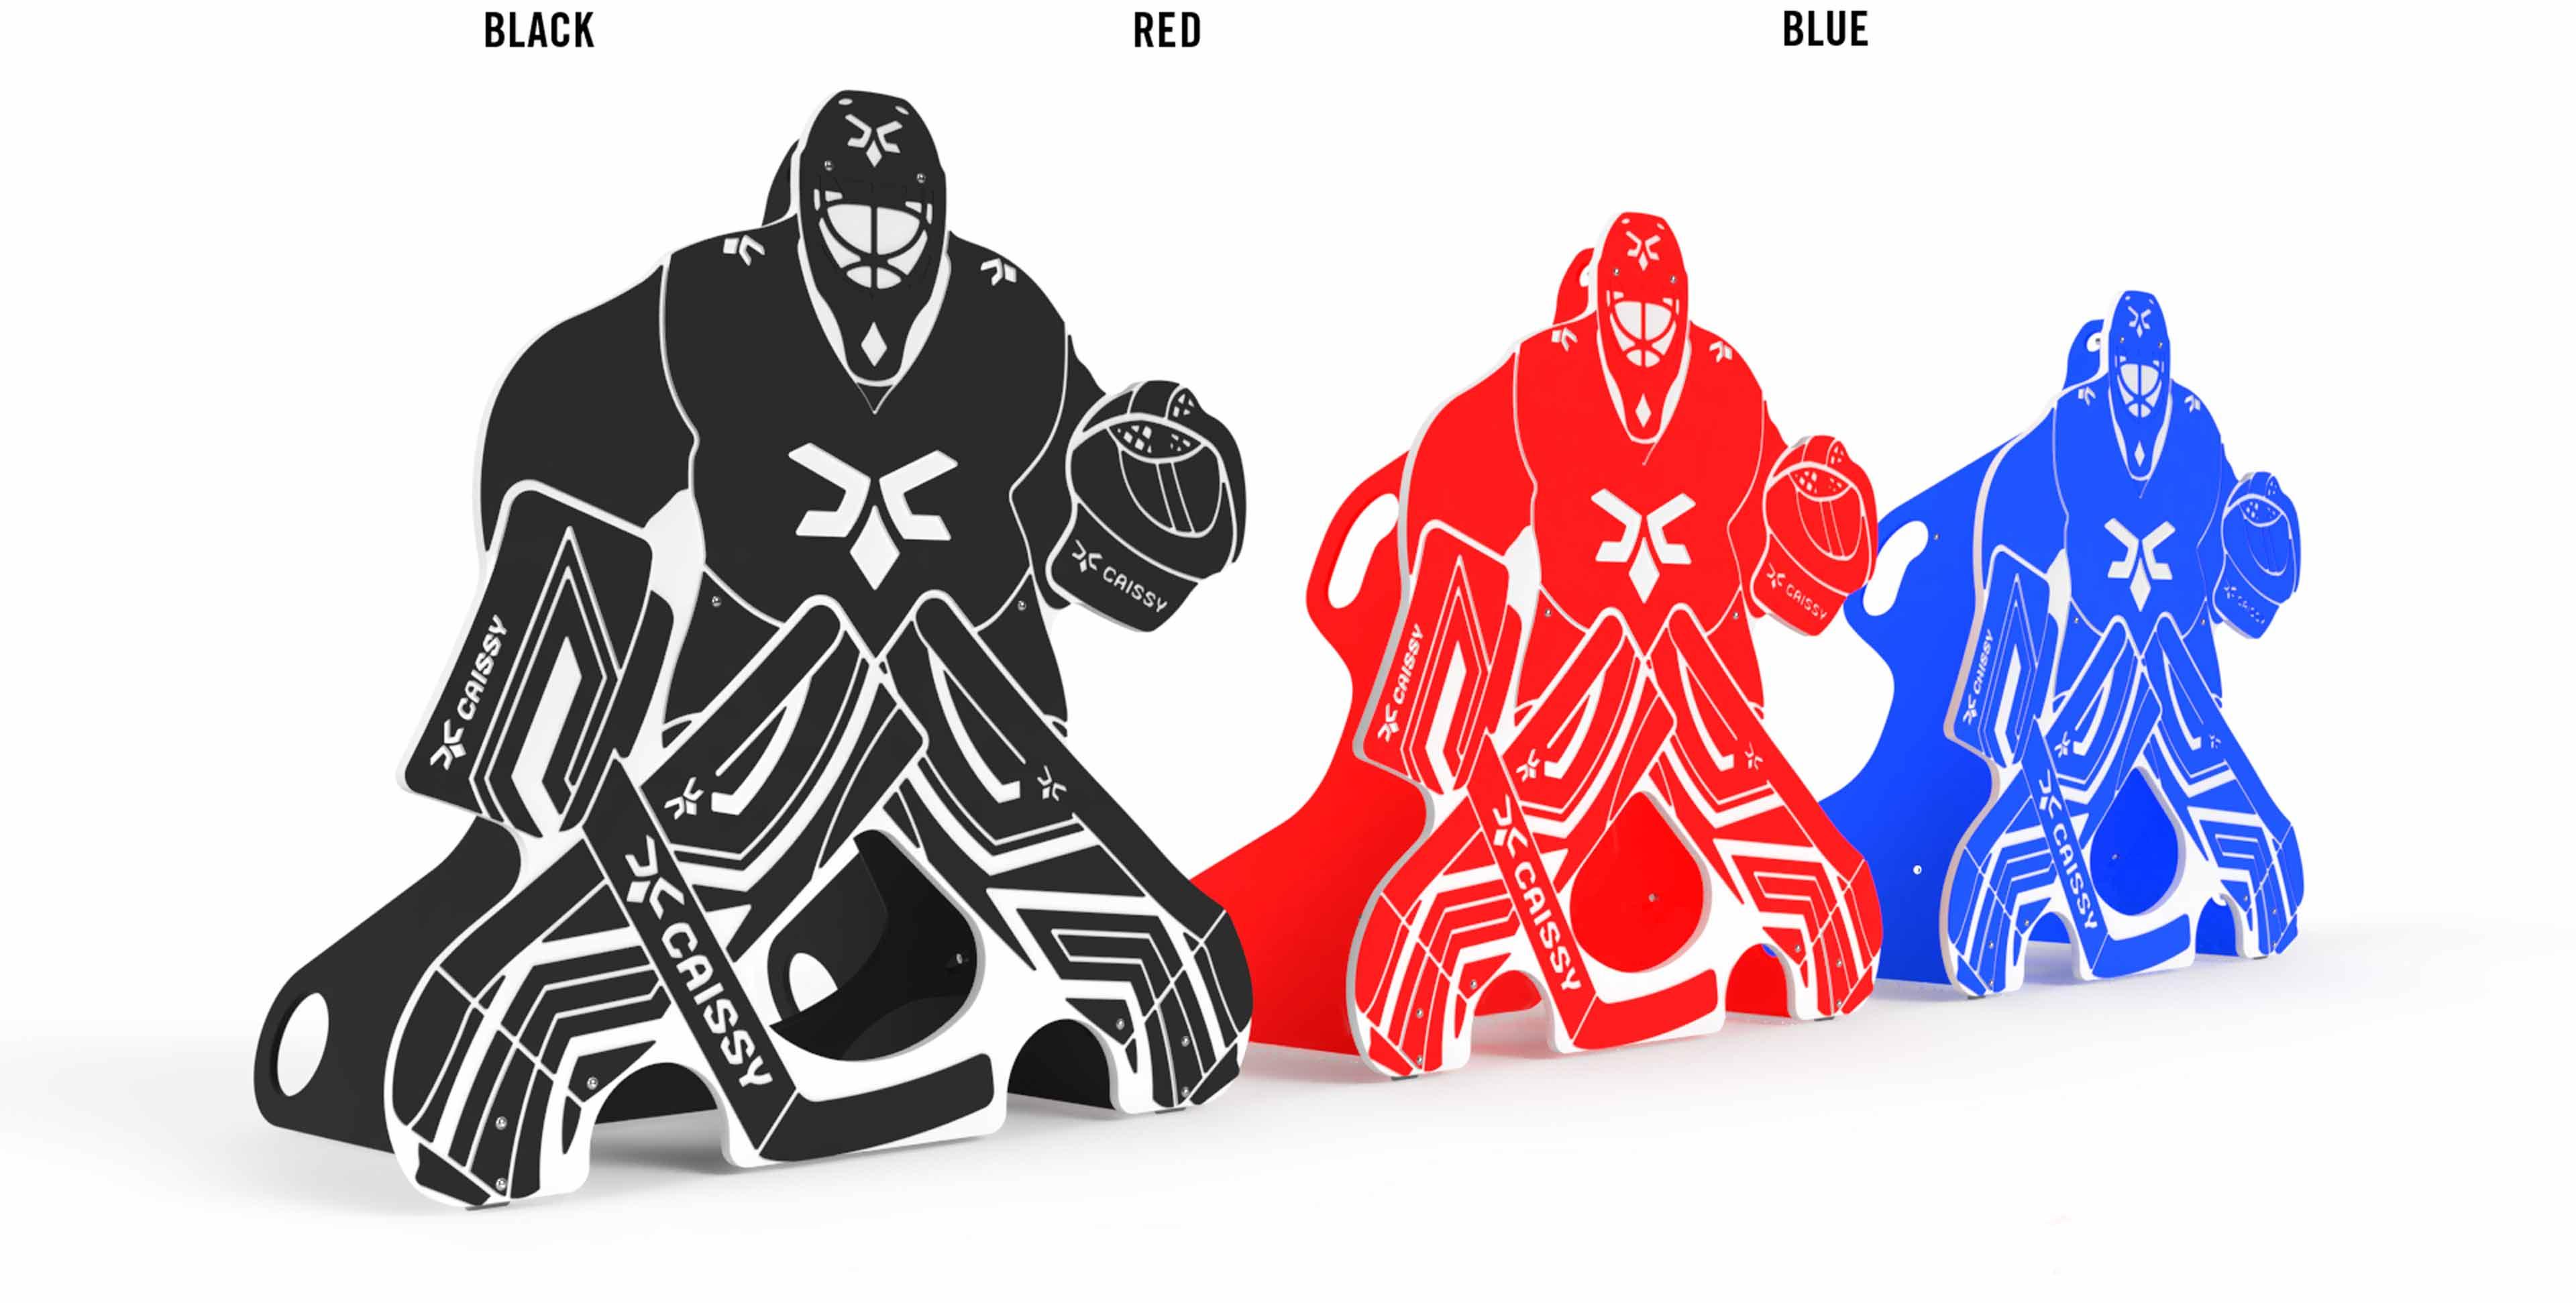 Trois gardiens différentes couleurs,noir rouge et bleu